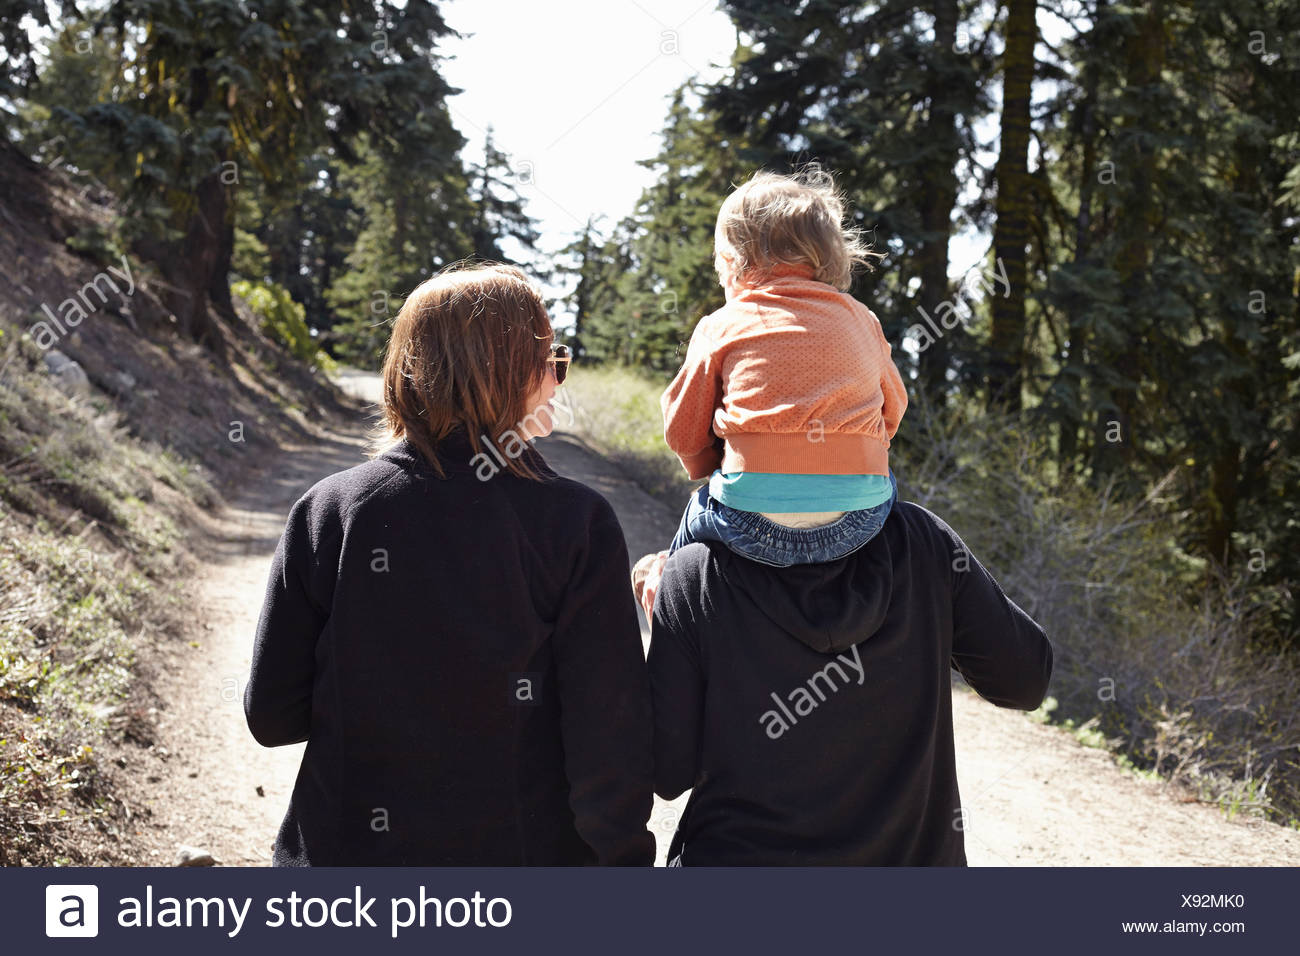 Le donne a camminare attraverso la foresta in Oregon, USA, con il bambino seduto sulle spalle Immagini Stock